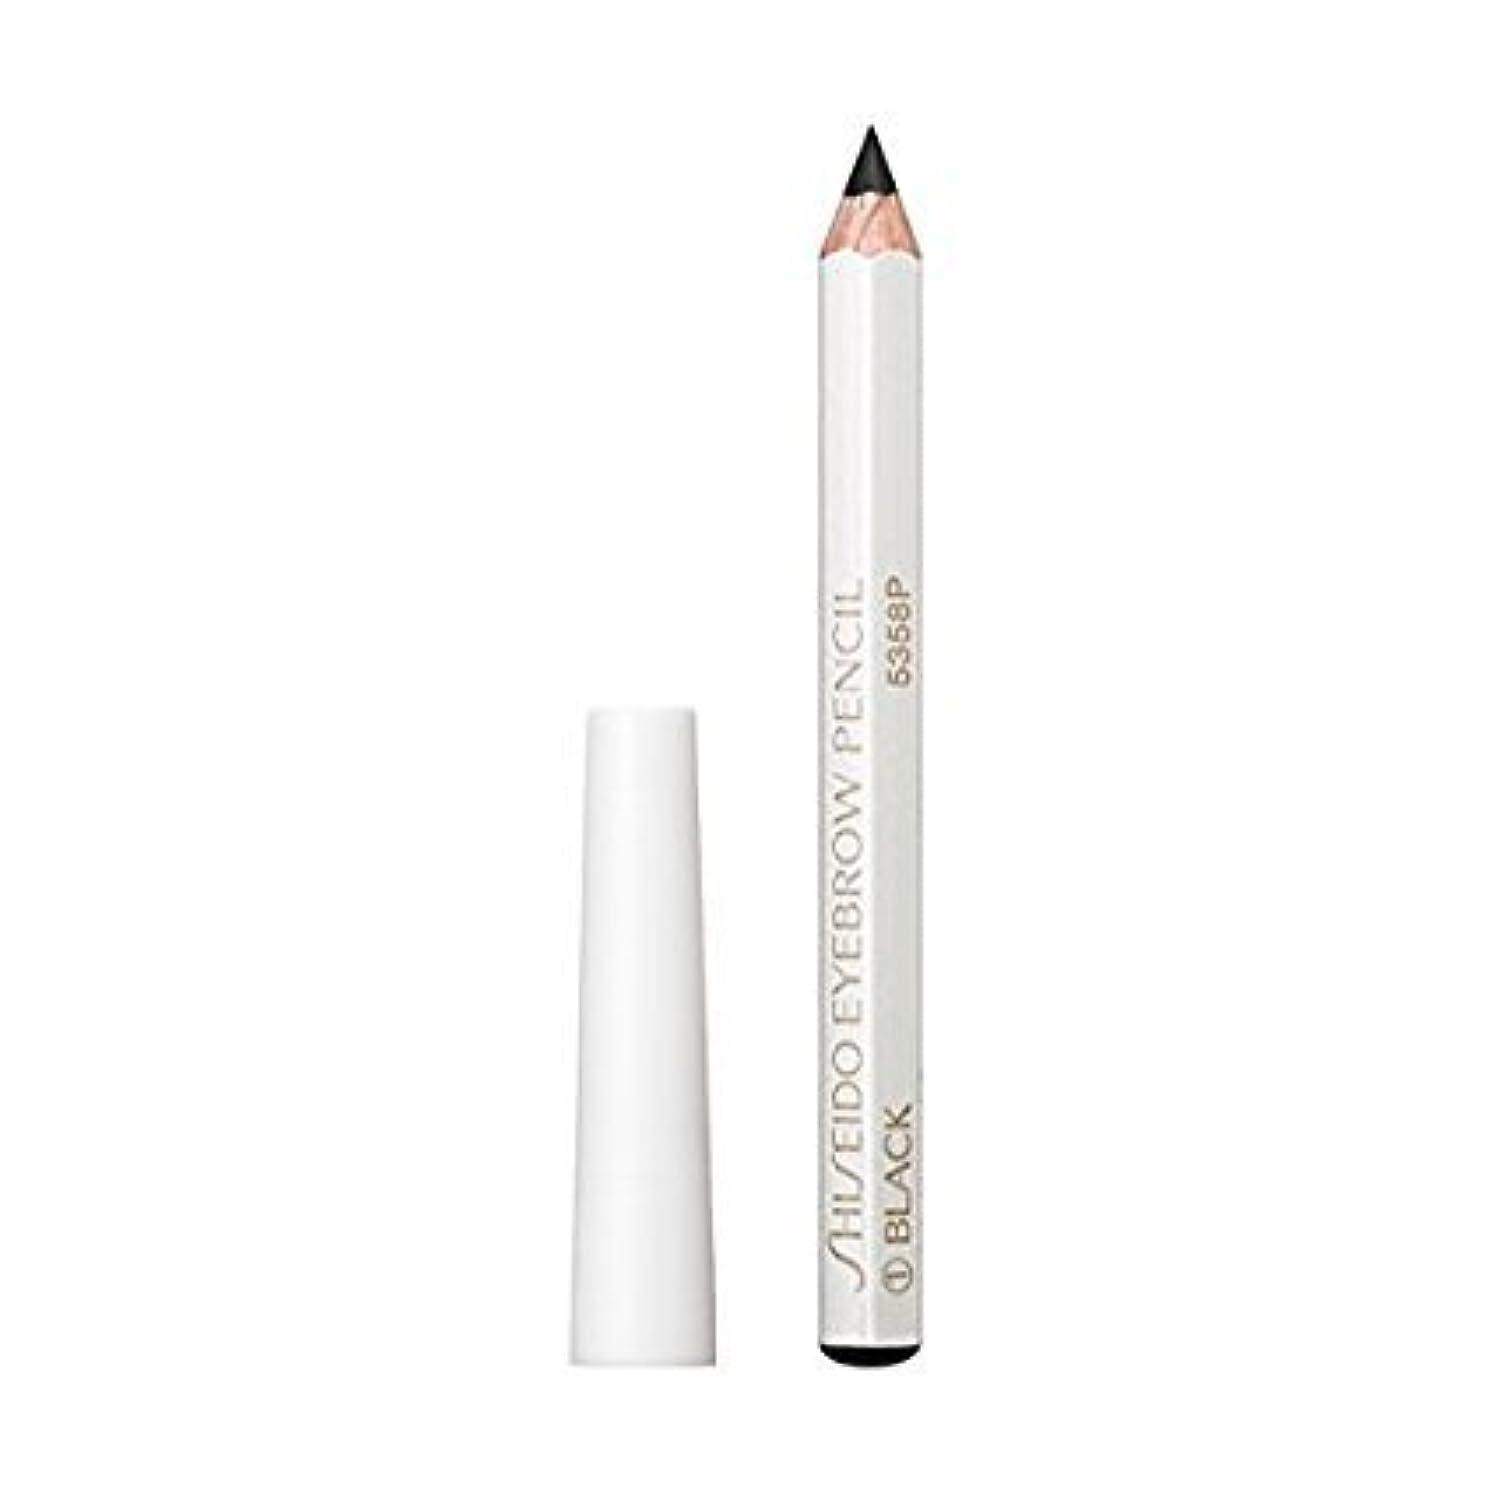 それから専門化する部分的に資生堂 眉墨鉛筆 No.1  3本